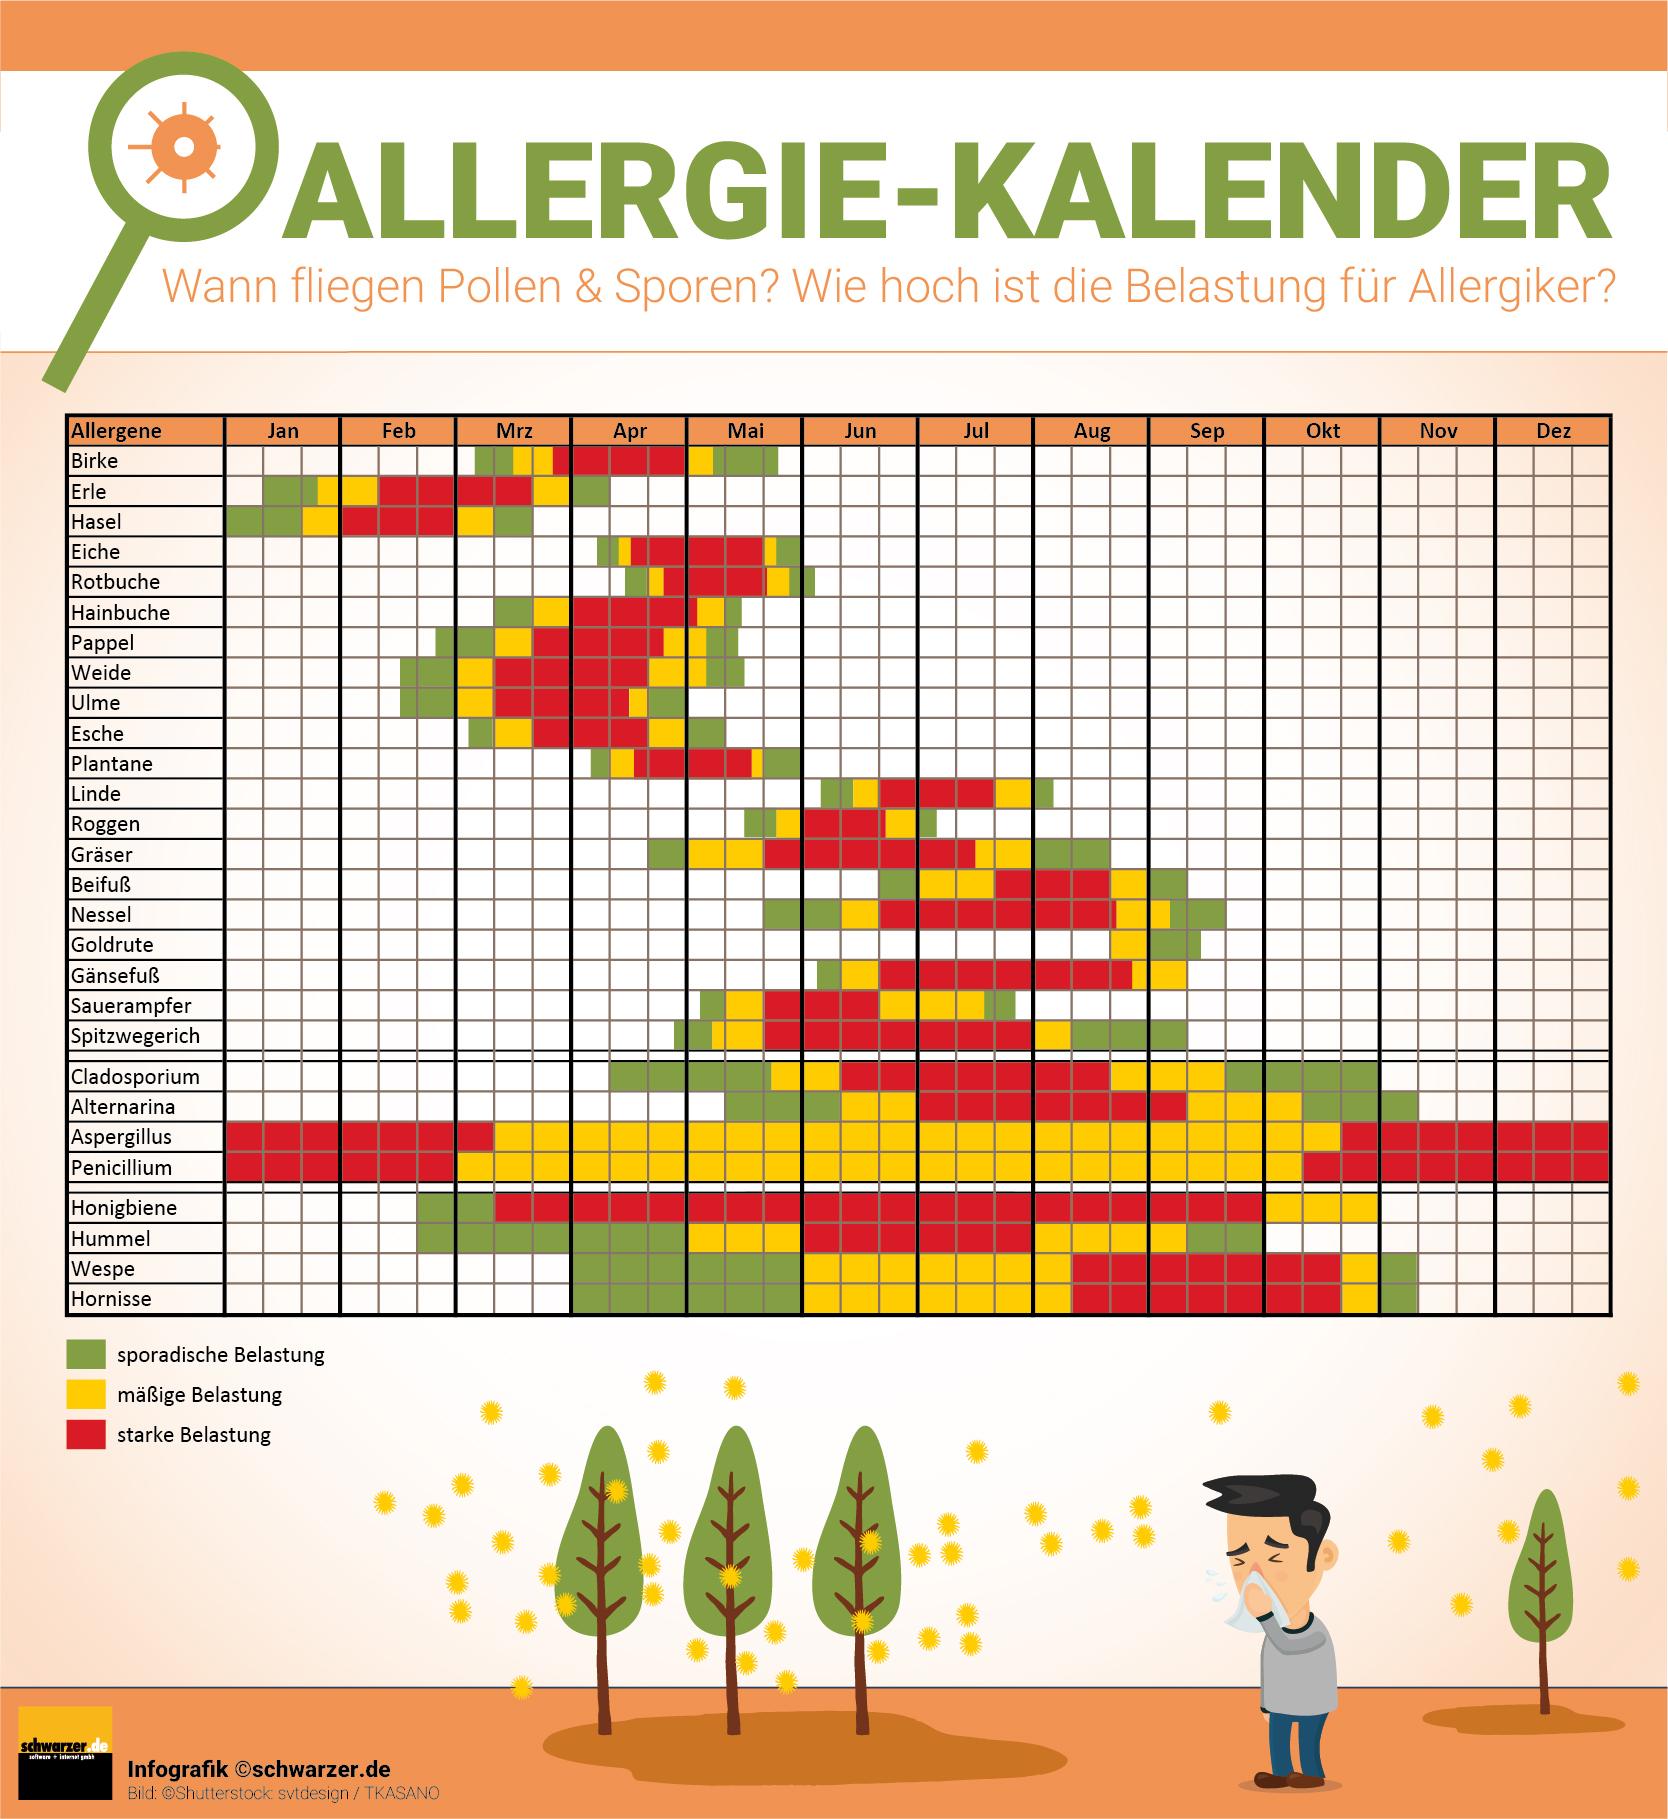 Infografik: Der Allergiekalender zeigt wann Pollen und Sporen fliegen und wie hoch die Belastung für Allergiker in den einzelnen Monaten ist.